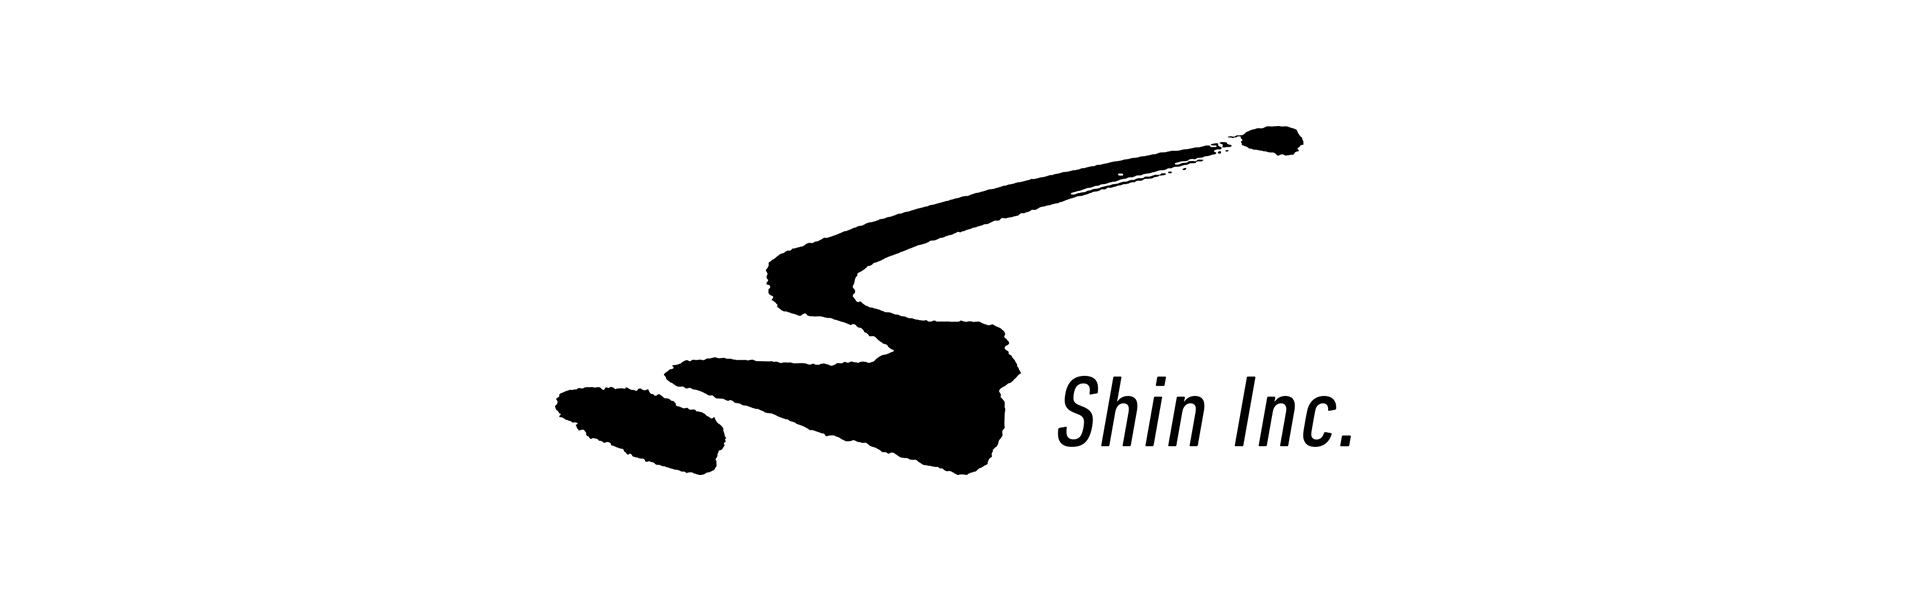 ShinInc_logo_k03